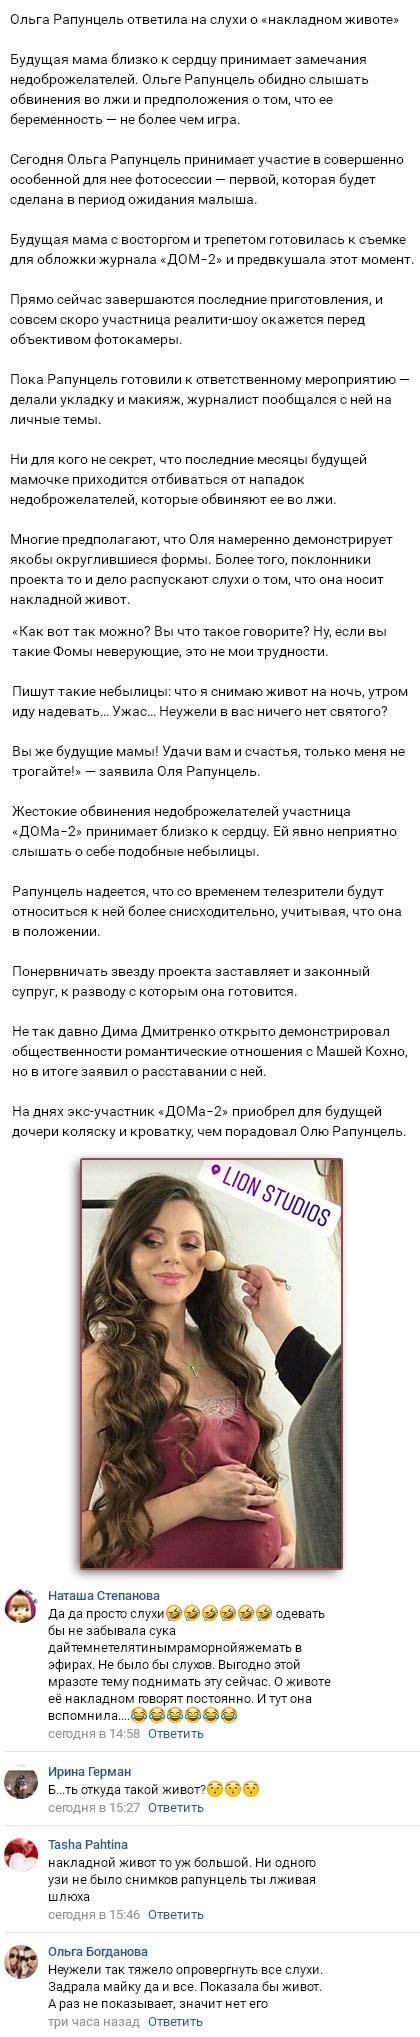 Ольга Рапунцель поспешила опровергнуть сплетни но без доказательств